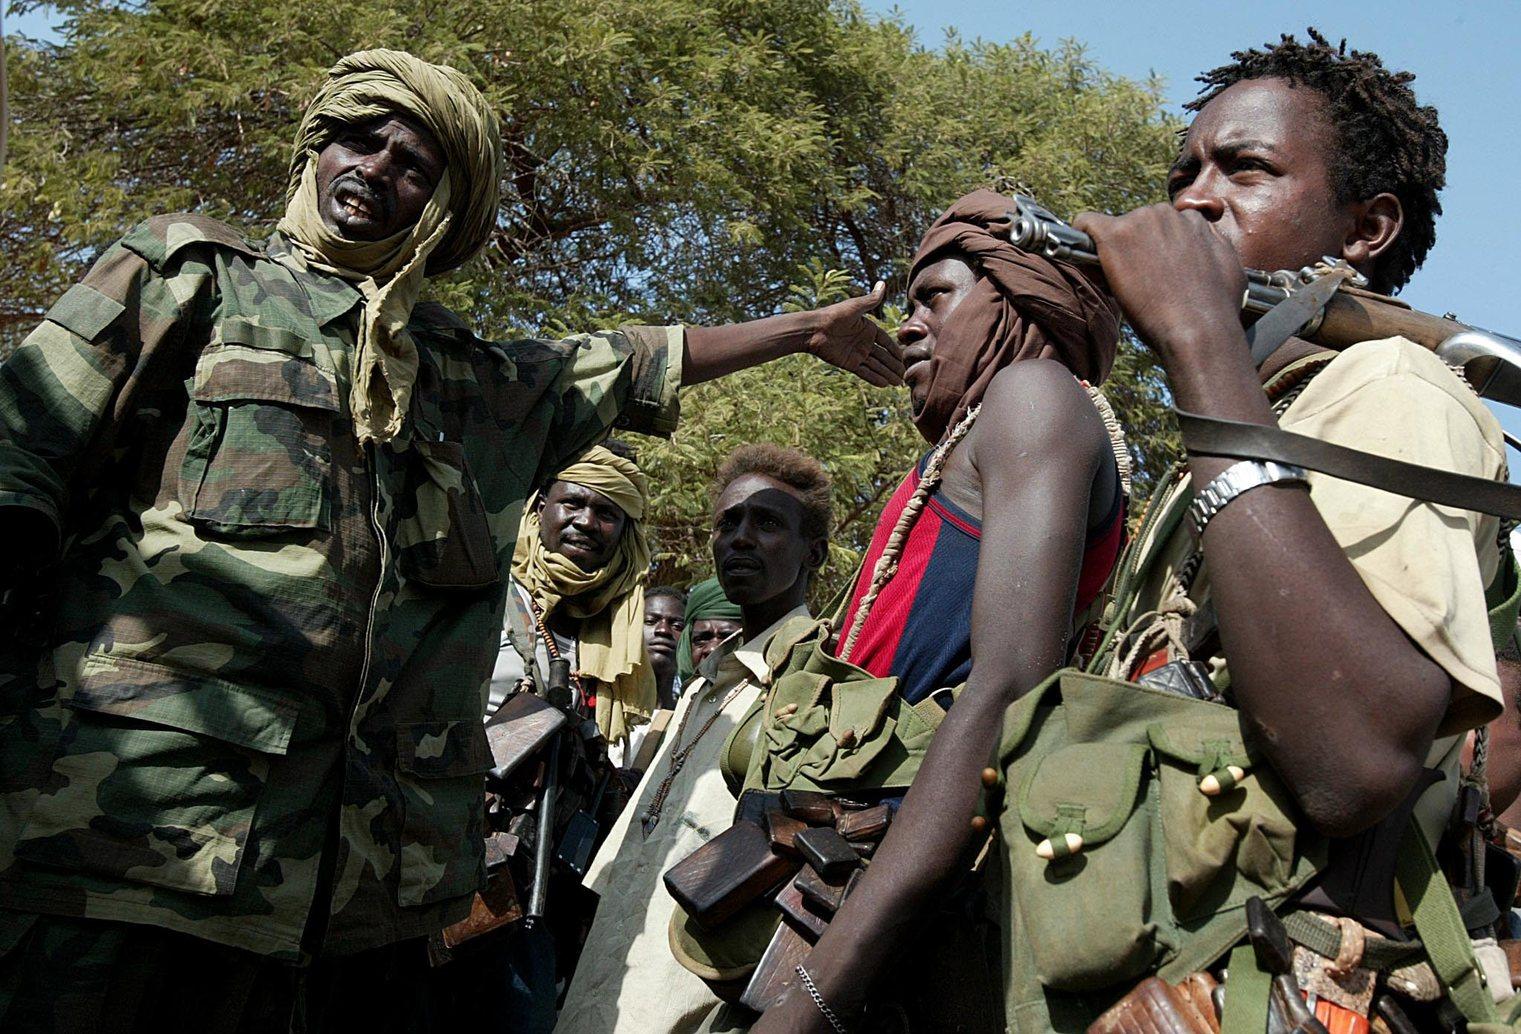 Az Igazság és Egyenlőség Mozgalma (JEM) nevű szudáni lázadó csoport fegyverese (b) a Szudáni Felszabadítási Hadsereg (SLA) harcosaival beszéli meg a hadműveleti tervet a szudáni Dárfúr tartomán yészaki részében fekvő el-Lajit város közelében 2004. október 24-én. A JEM és az SLA vállvetve próbálja útját állni a szudáni kormányhadsereg előrenyomunlásának Dárfúr északi részén. A kormány légiereje október 19. óta minden éjjel bombázza el-Lajitot, a város lakosságának többsége pedig a felkelők ellenőrizte környező falvakba menekült. (MTI/EPA/Nic Bothma)